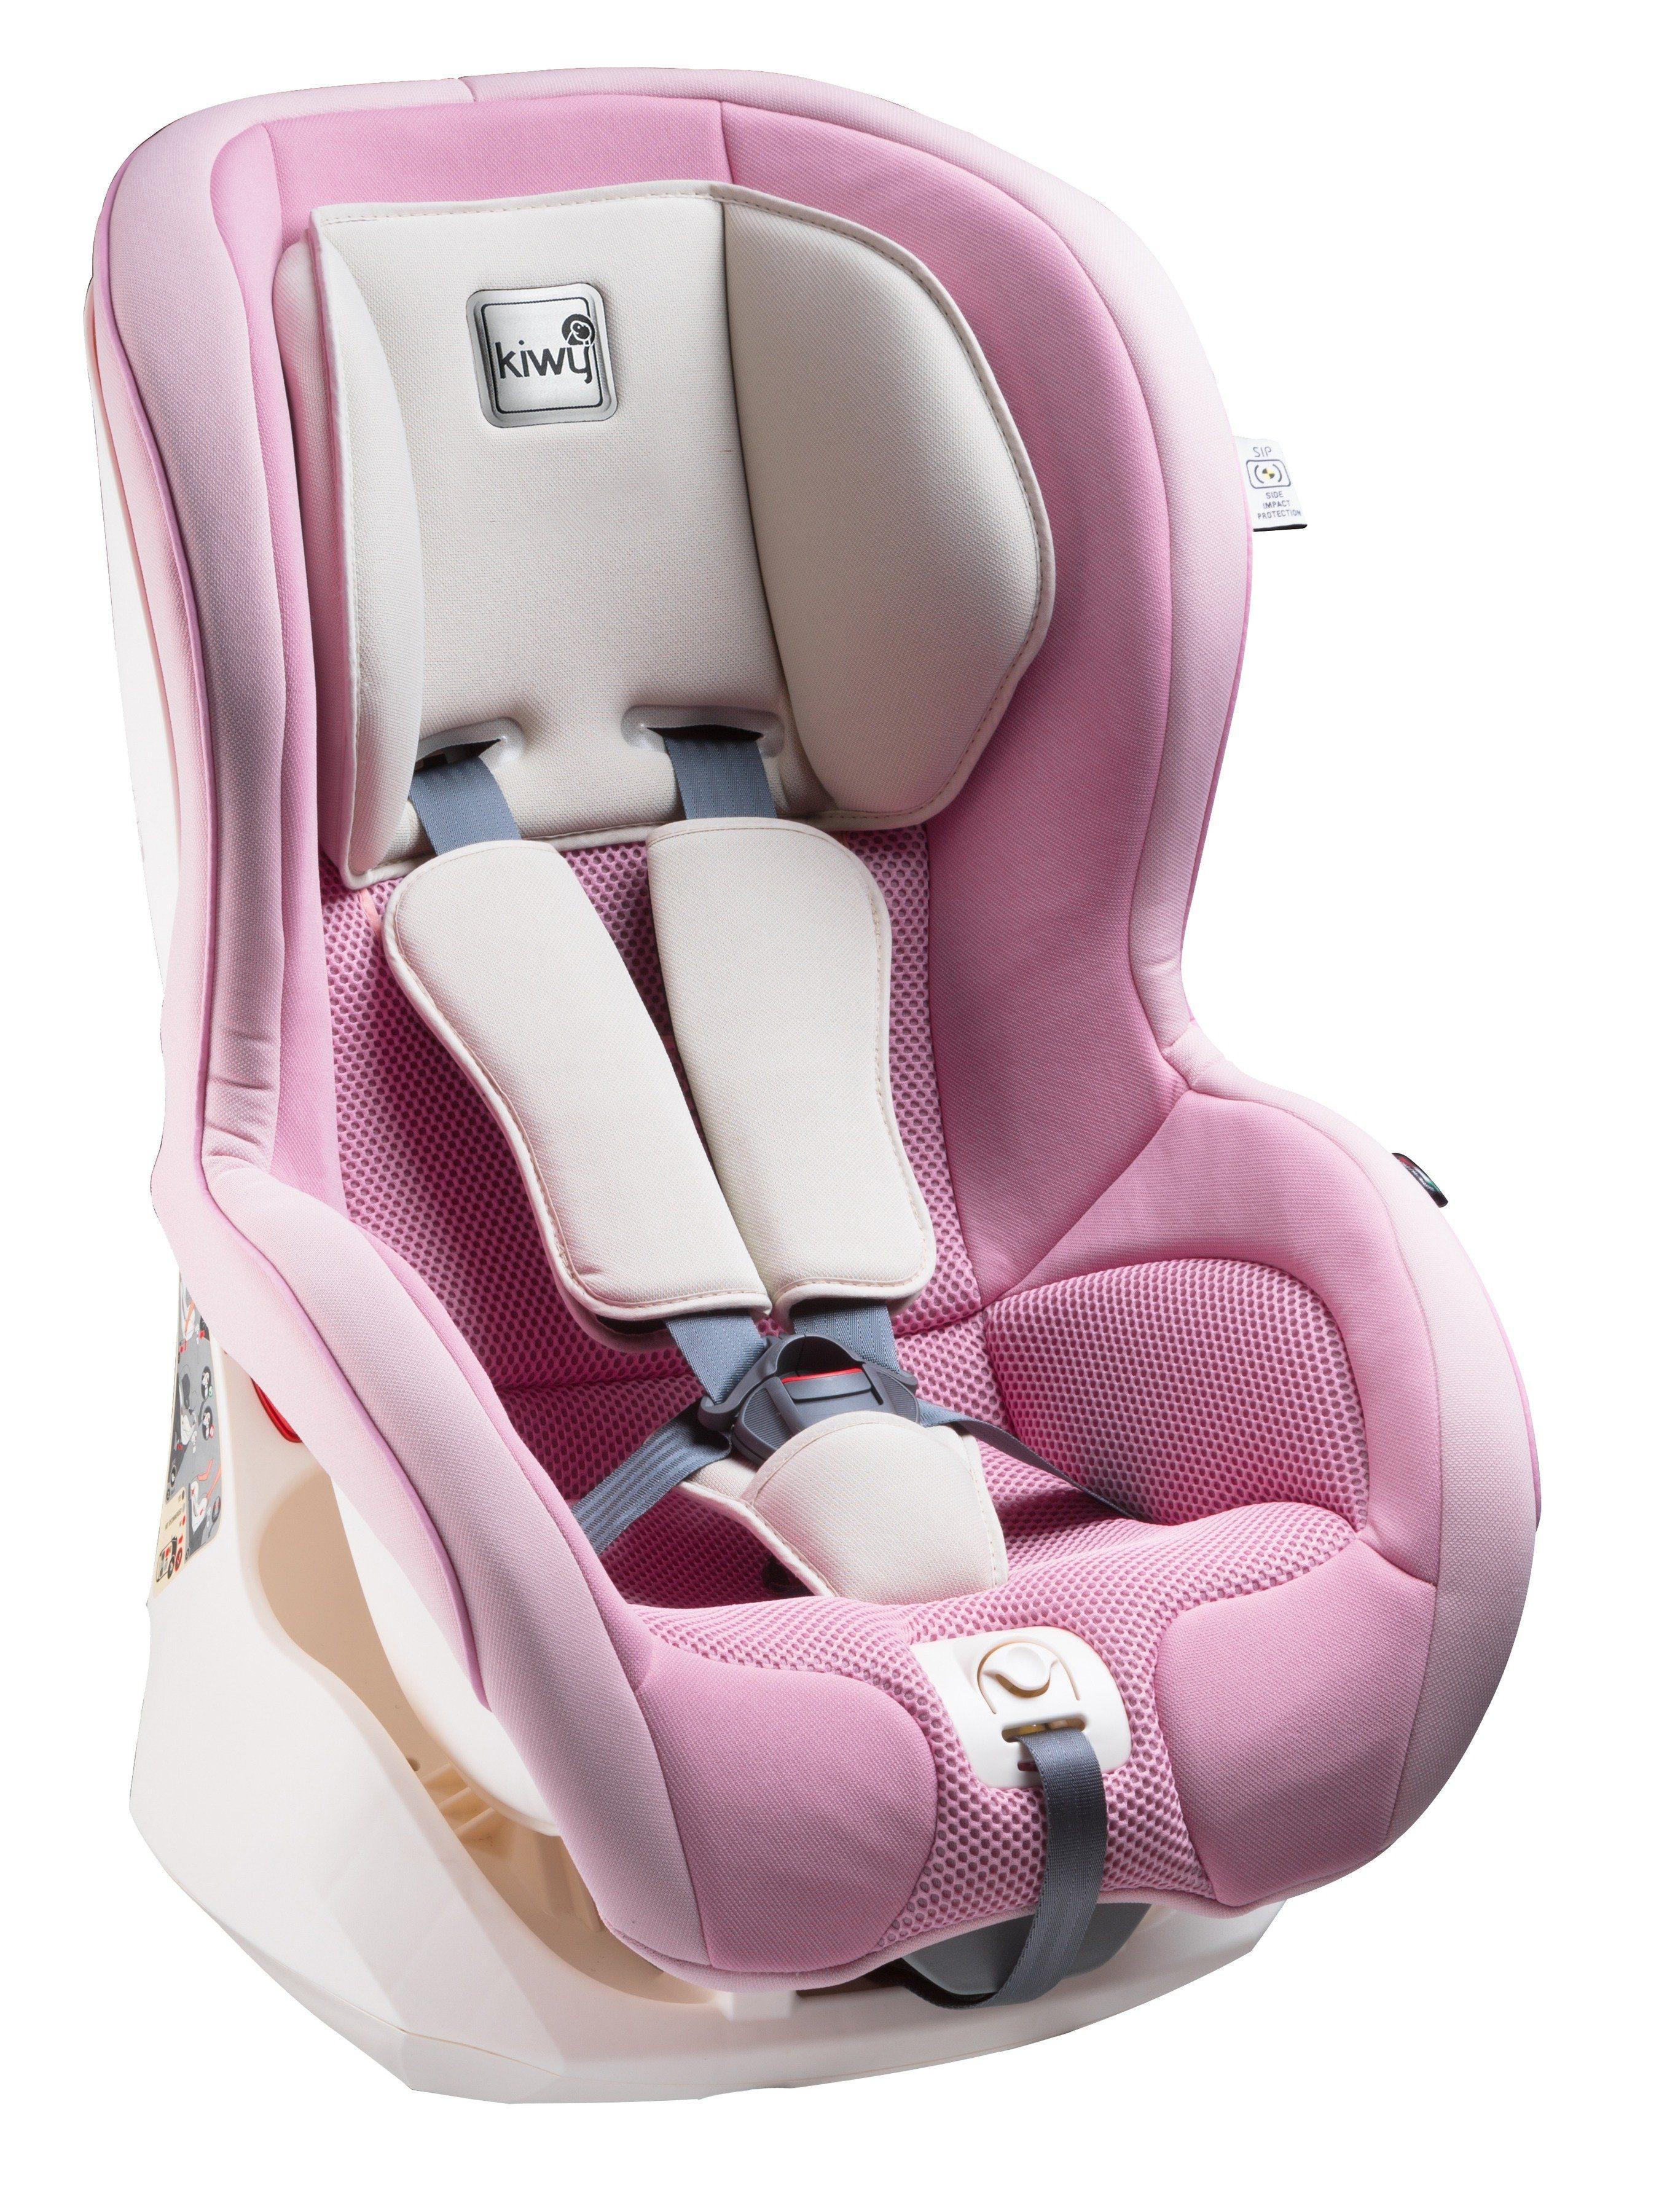 KIWY Kindersitz »kiwy SP1«, 10 - 18 kg